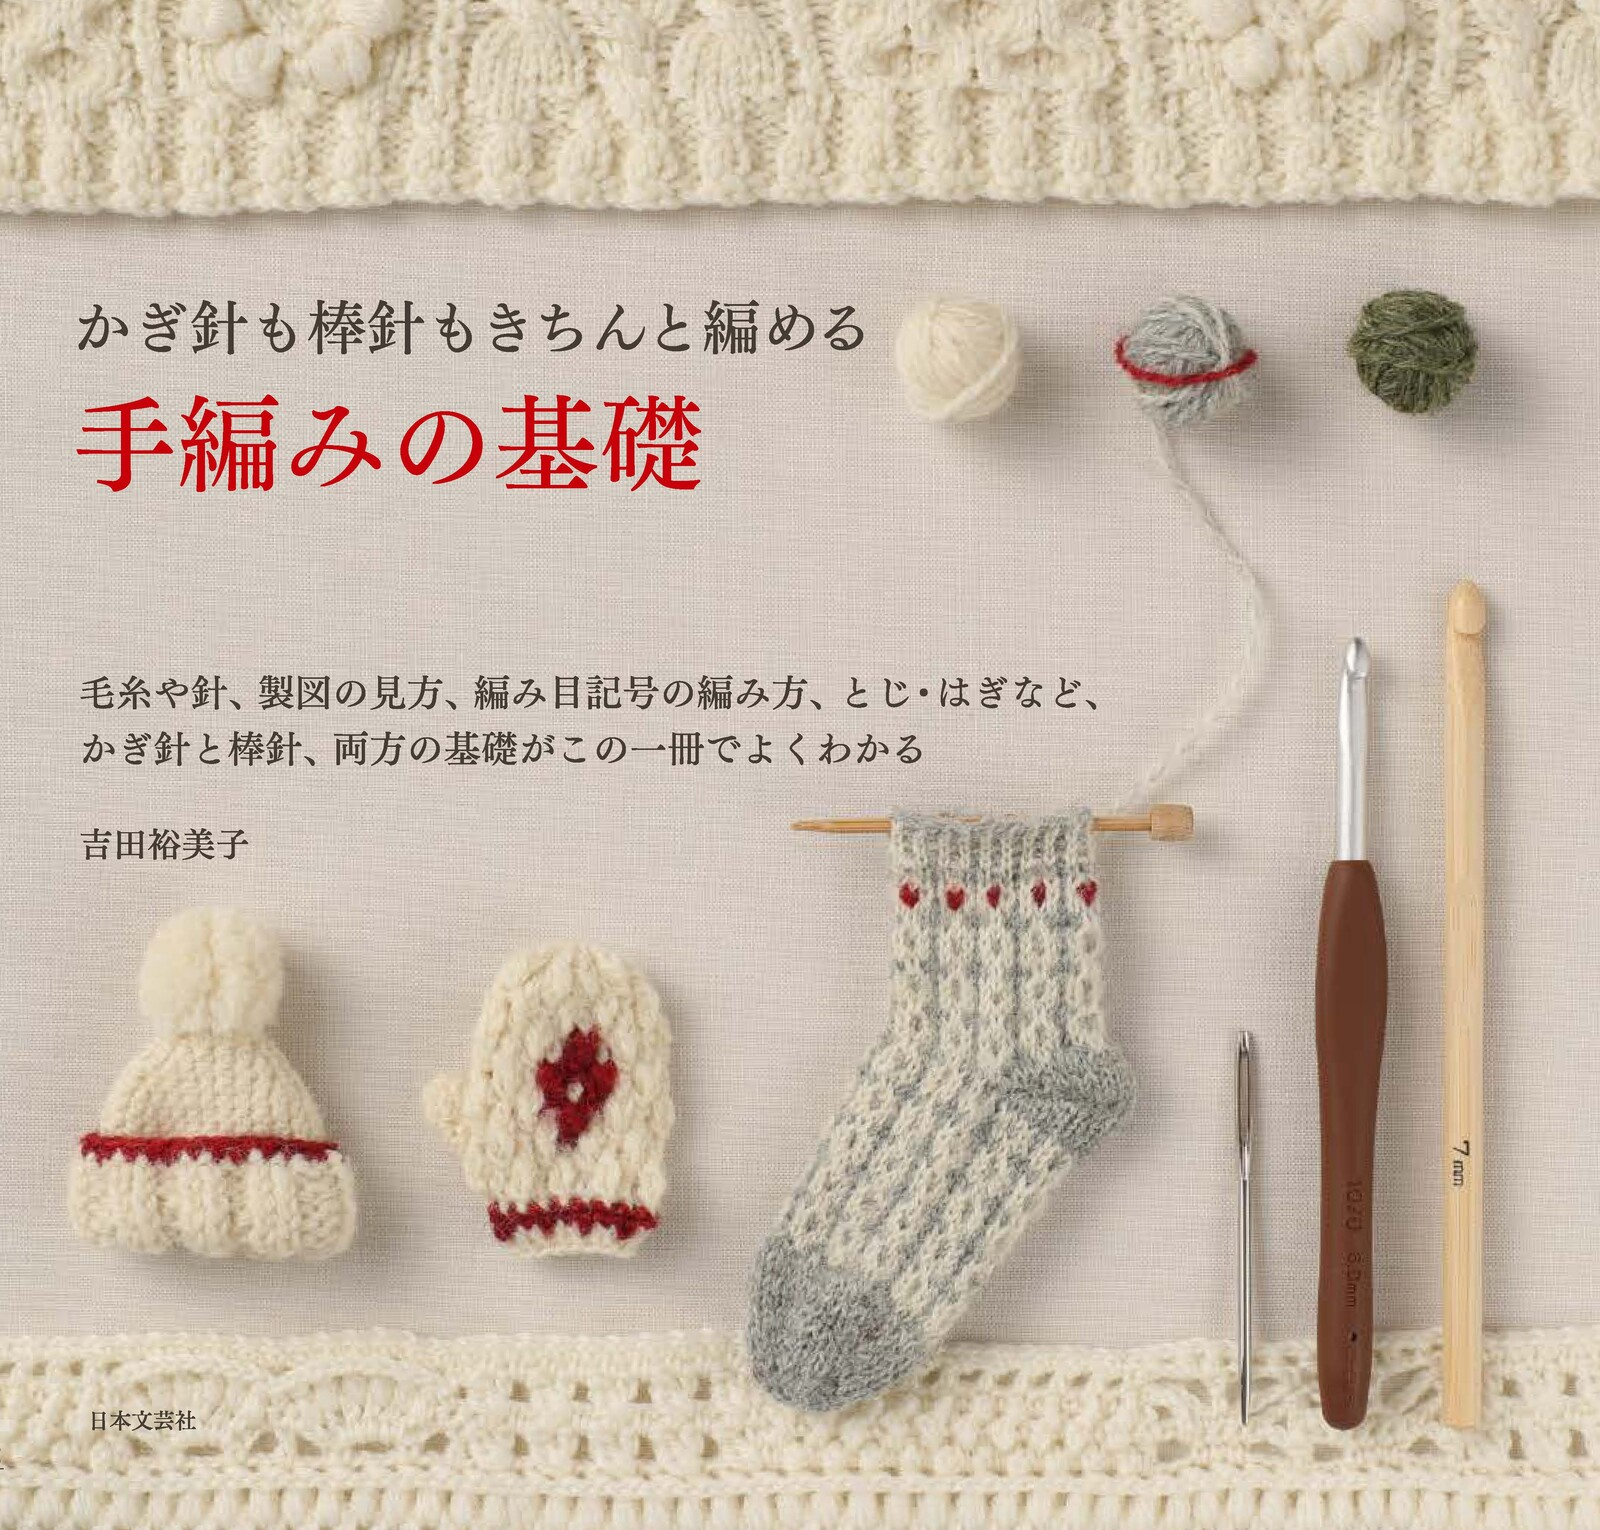 14\u201d hat mittens and socks